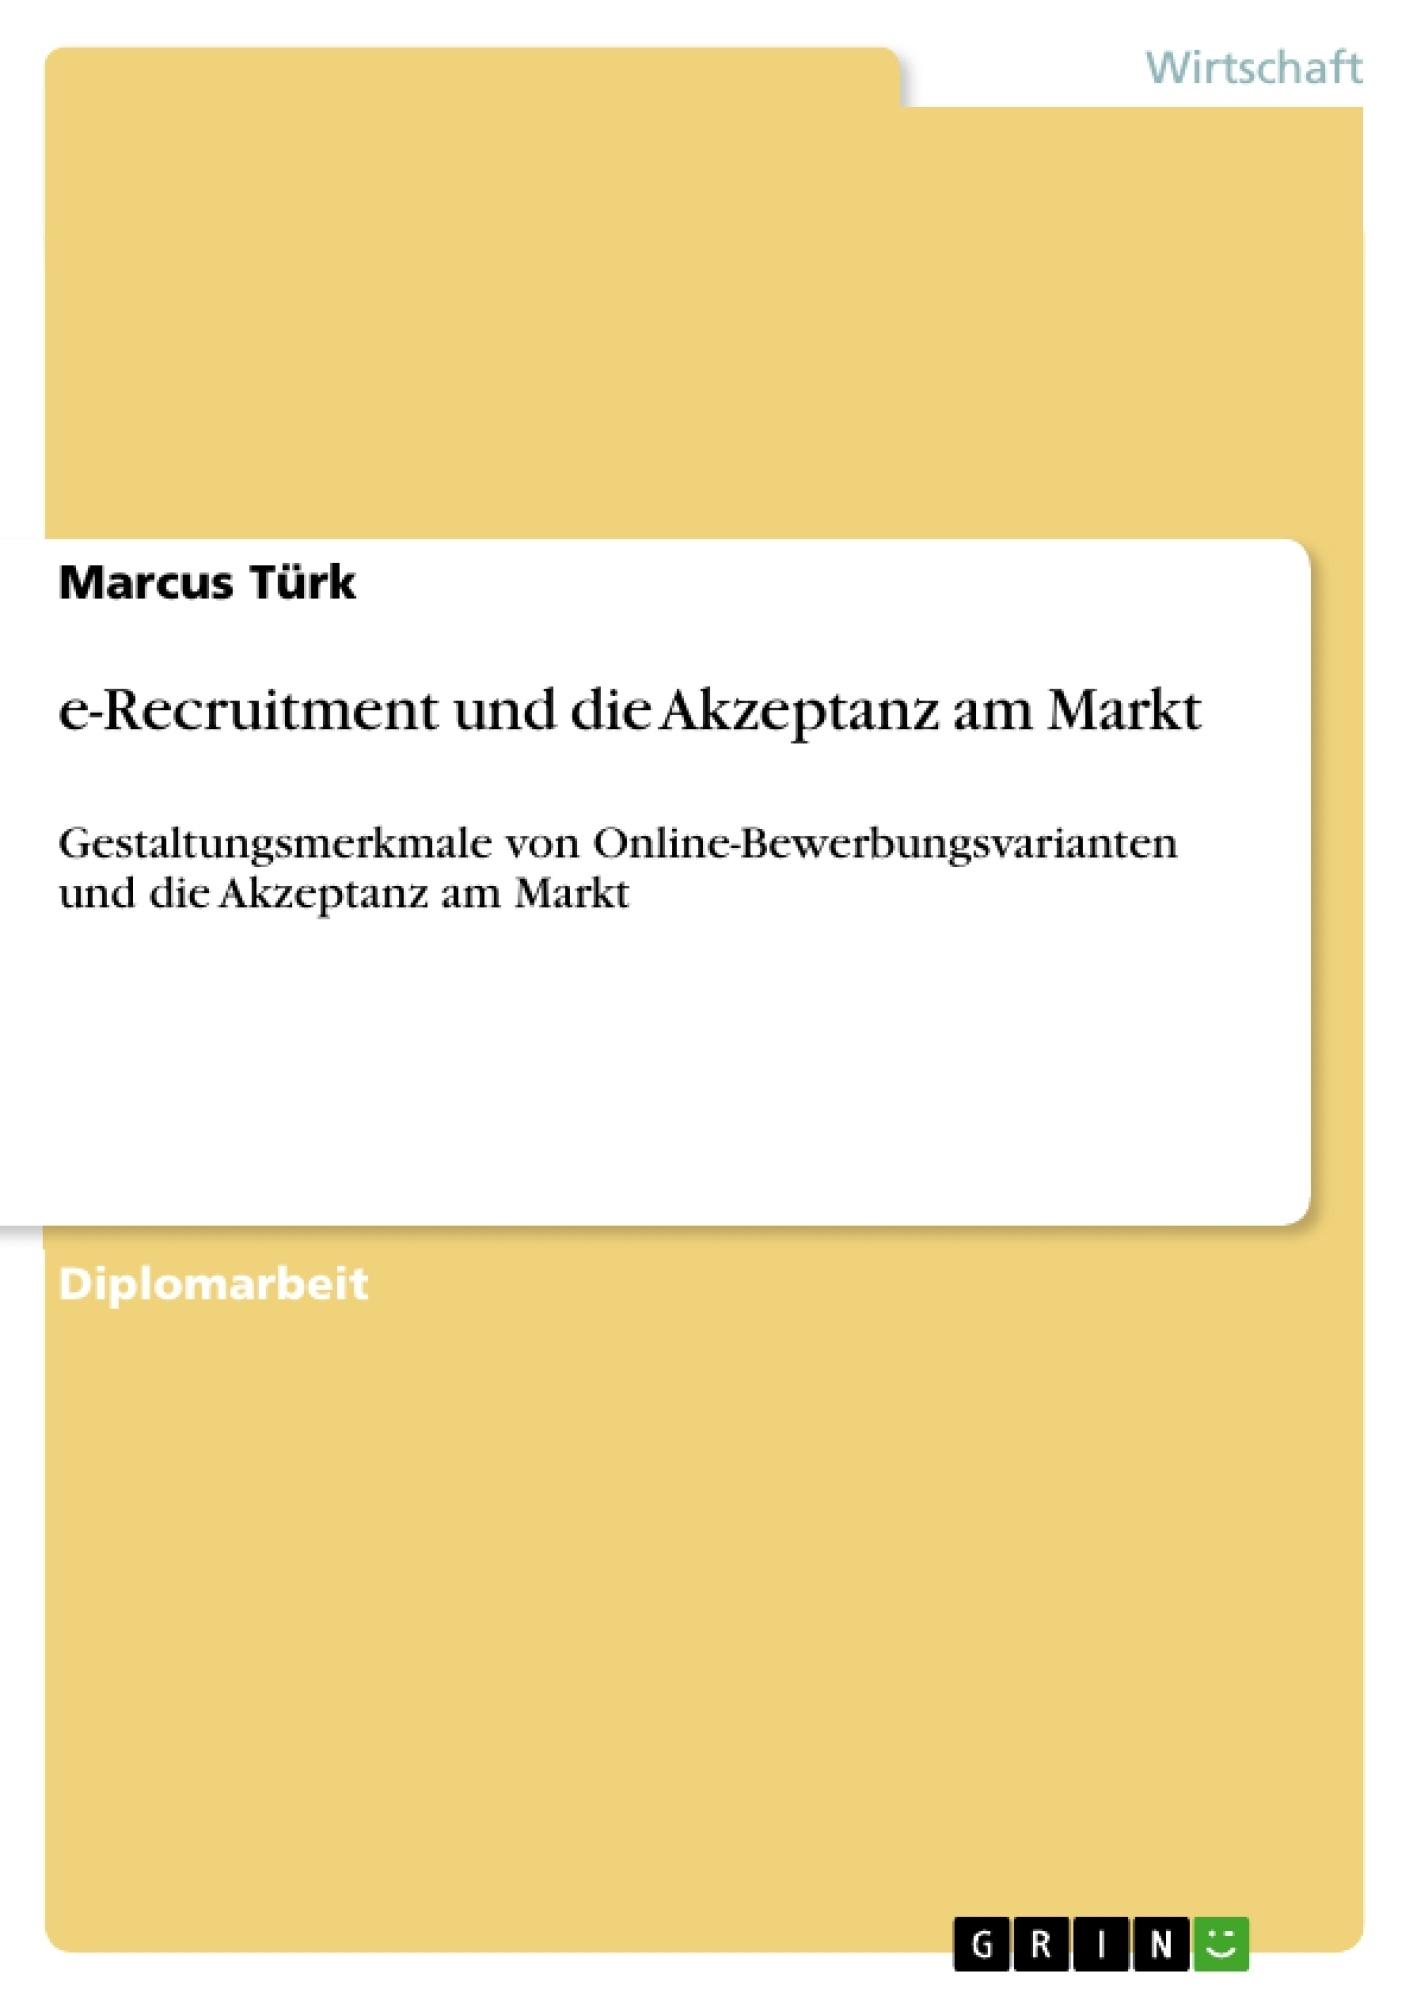 Titel: e-Recruitment und die Akzeptanz am Markt